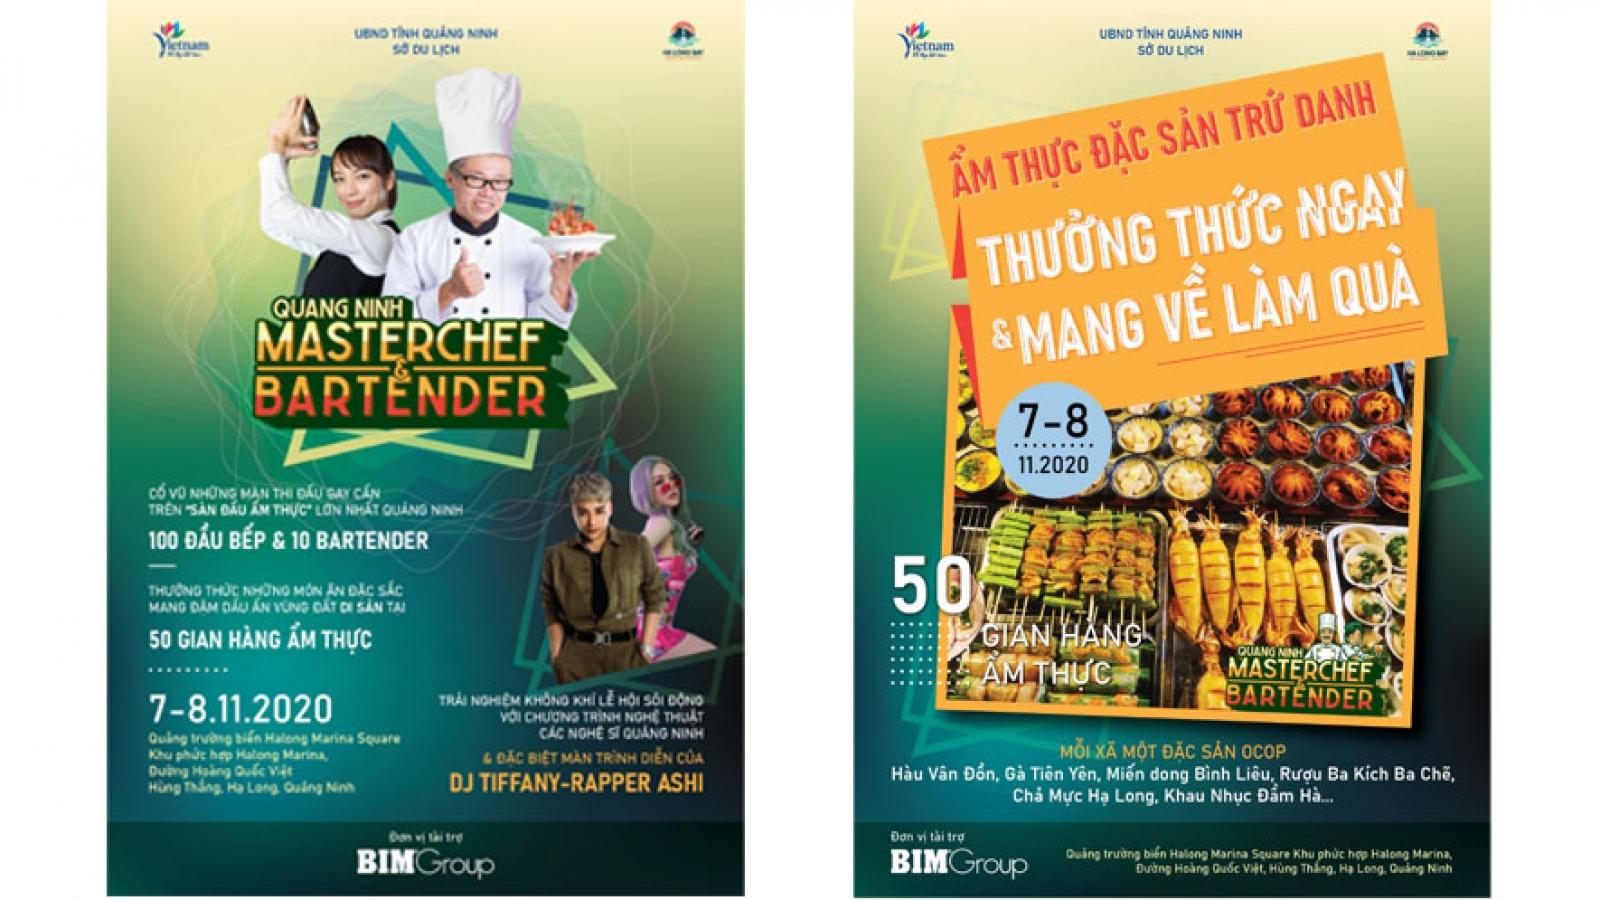 Công bố cuộc thi ẩm thực quy mô lớn nhất tại Quảng Ninh